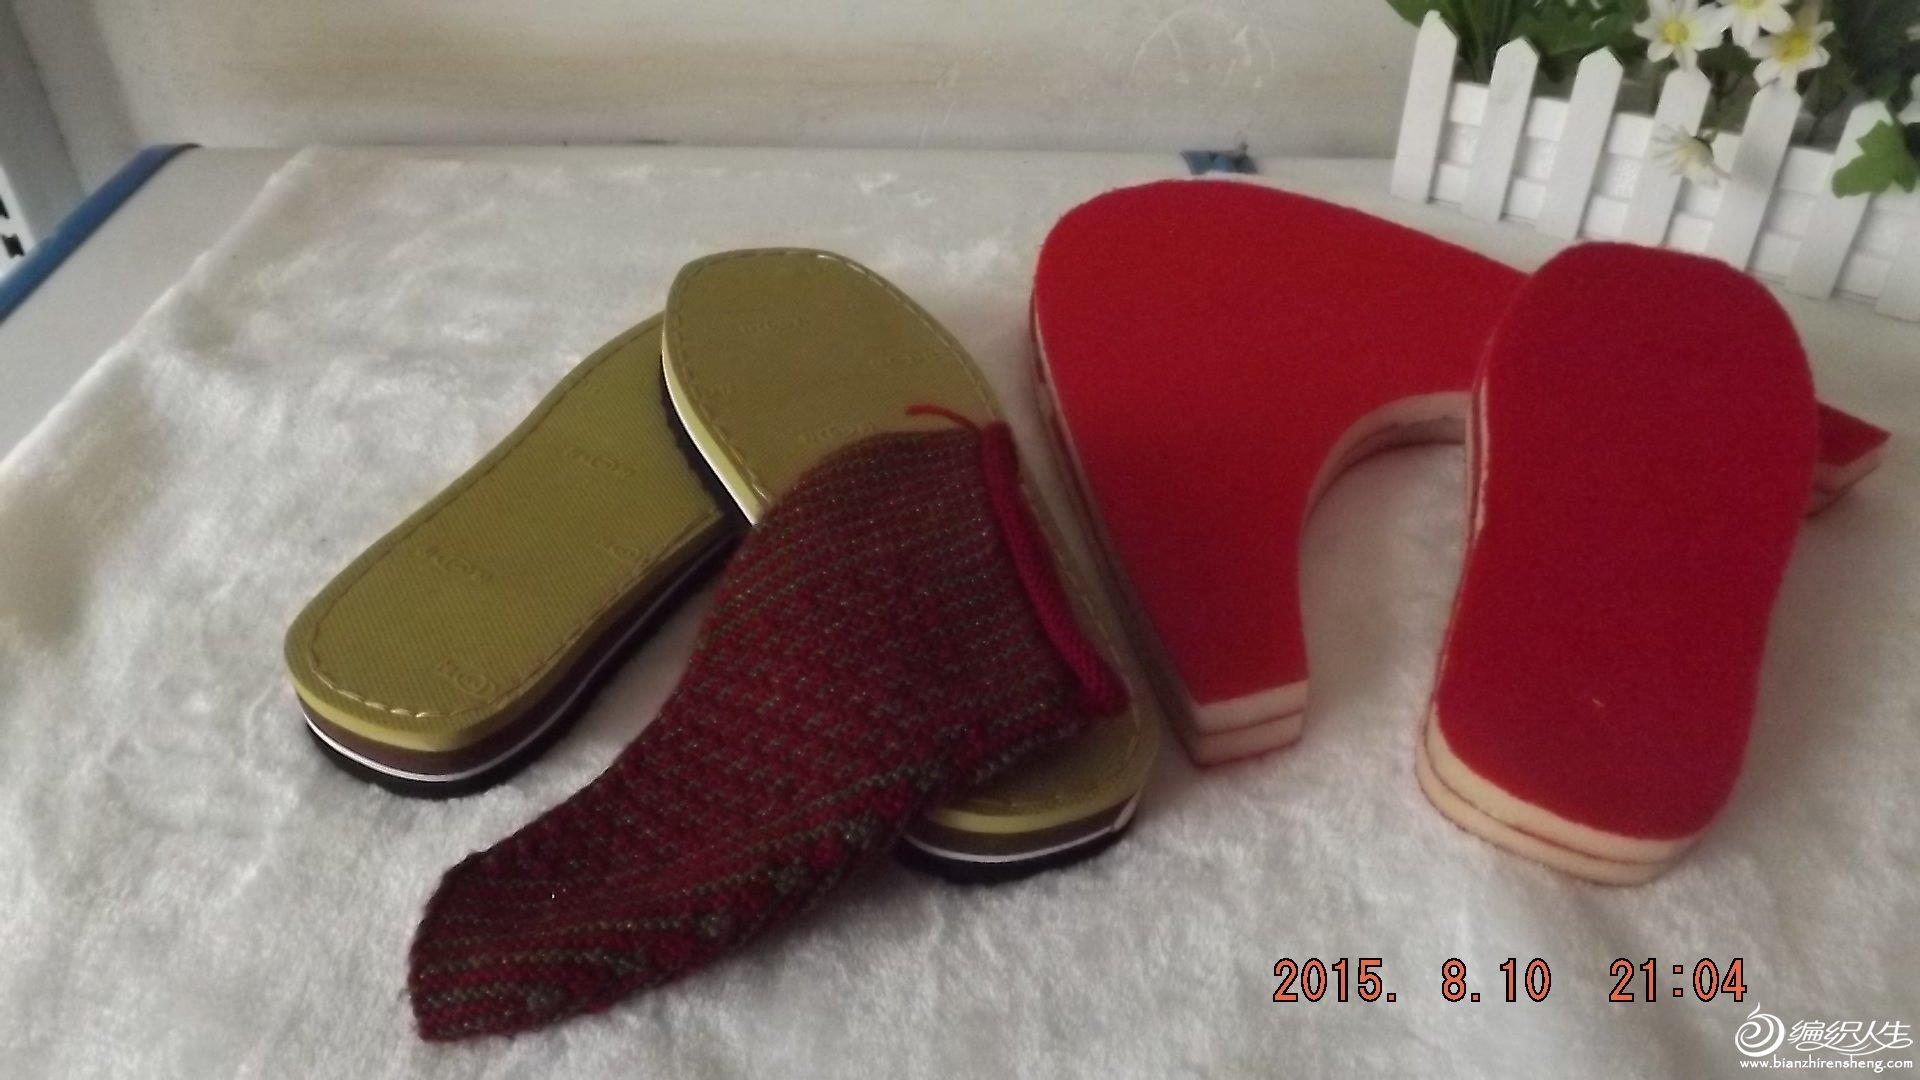 毛线棉拖鞋详细编织教程,付手绘图解菜鸟也能学会哦